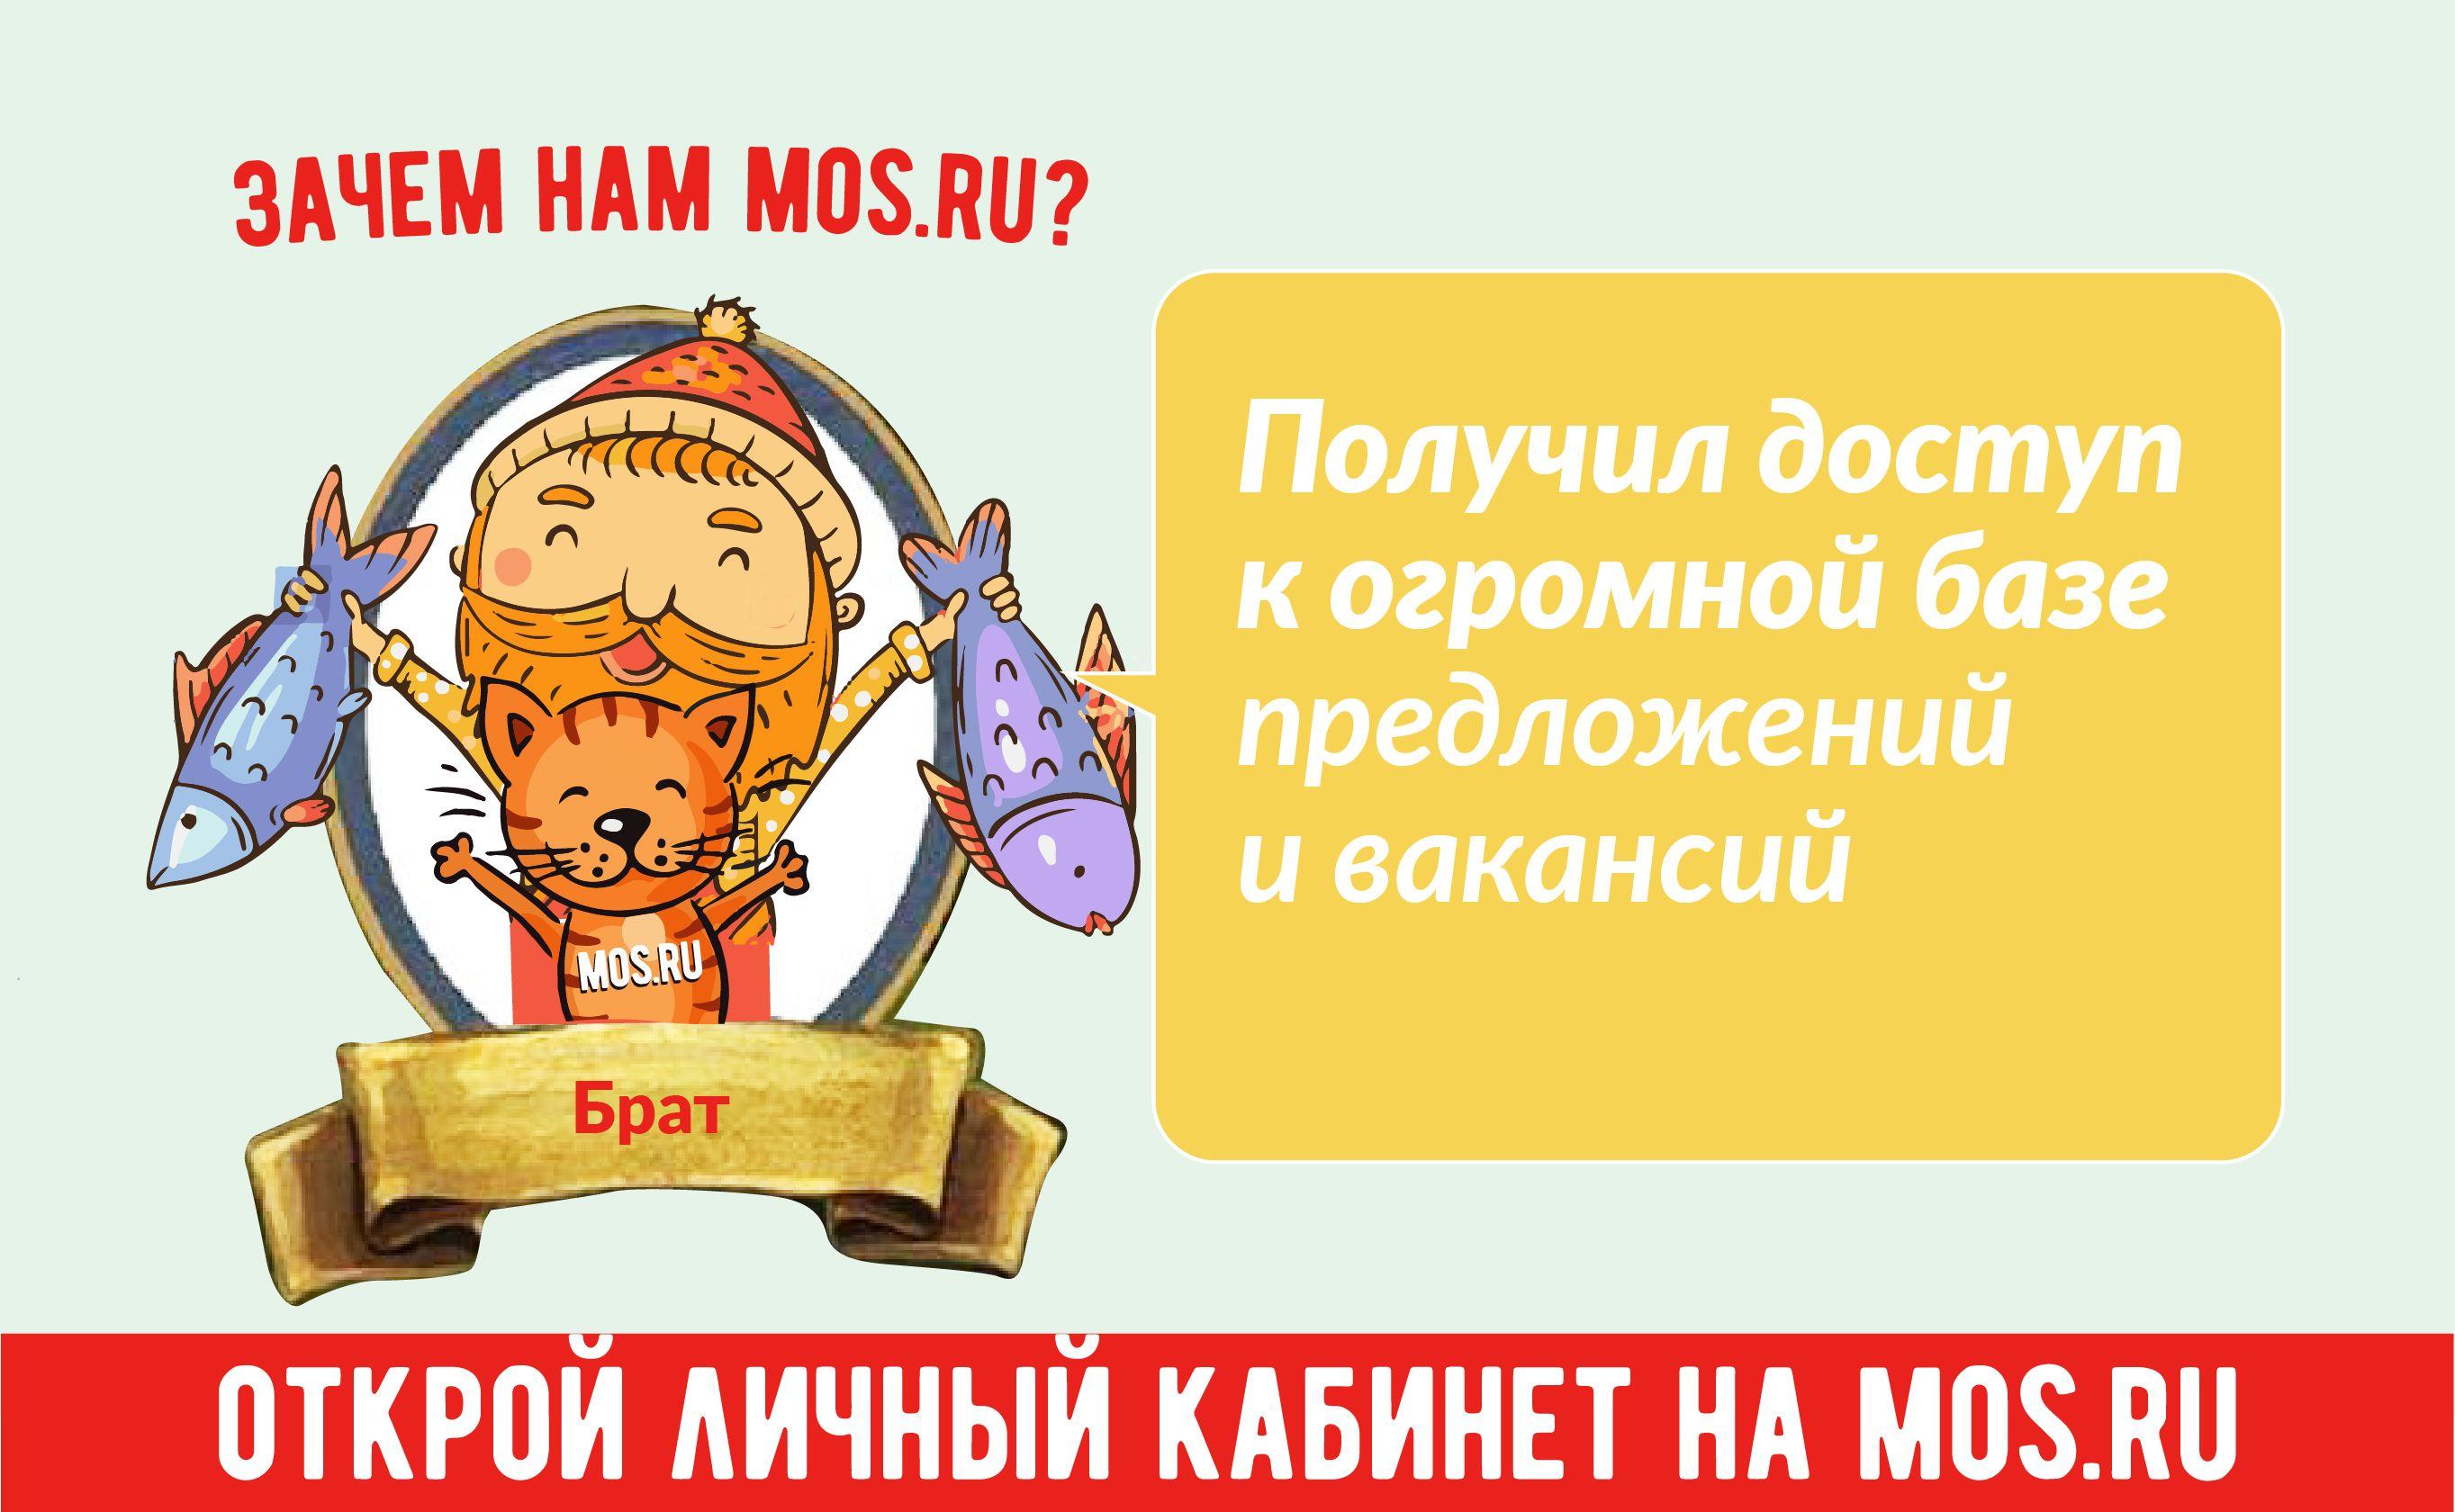 Более 1,4 миллиарда услуг получили москвичи с момента запуска портала mos.ru